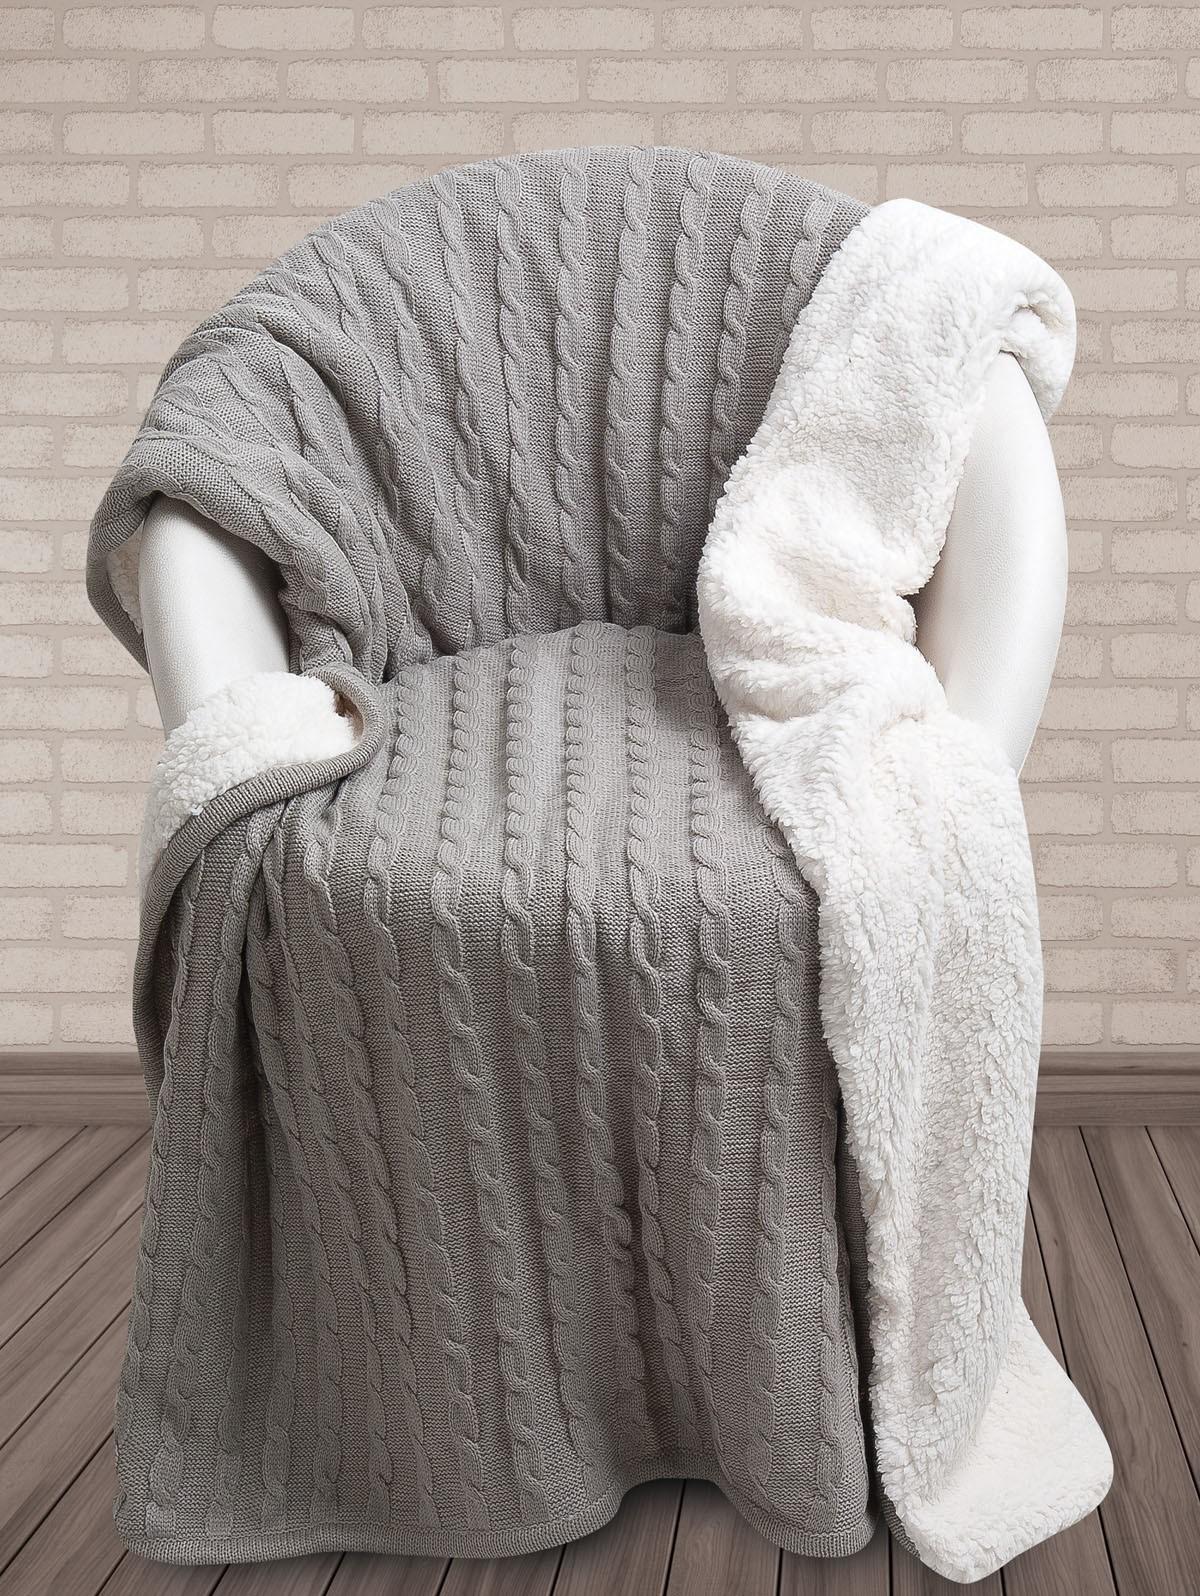 Κουβέρτα Καναπέ Πλεκτή Με Γουνάκι Das Home 322 home   σαλόνι   κουβέρτες καναπέ